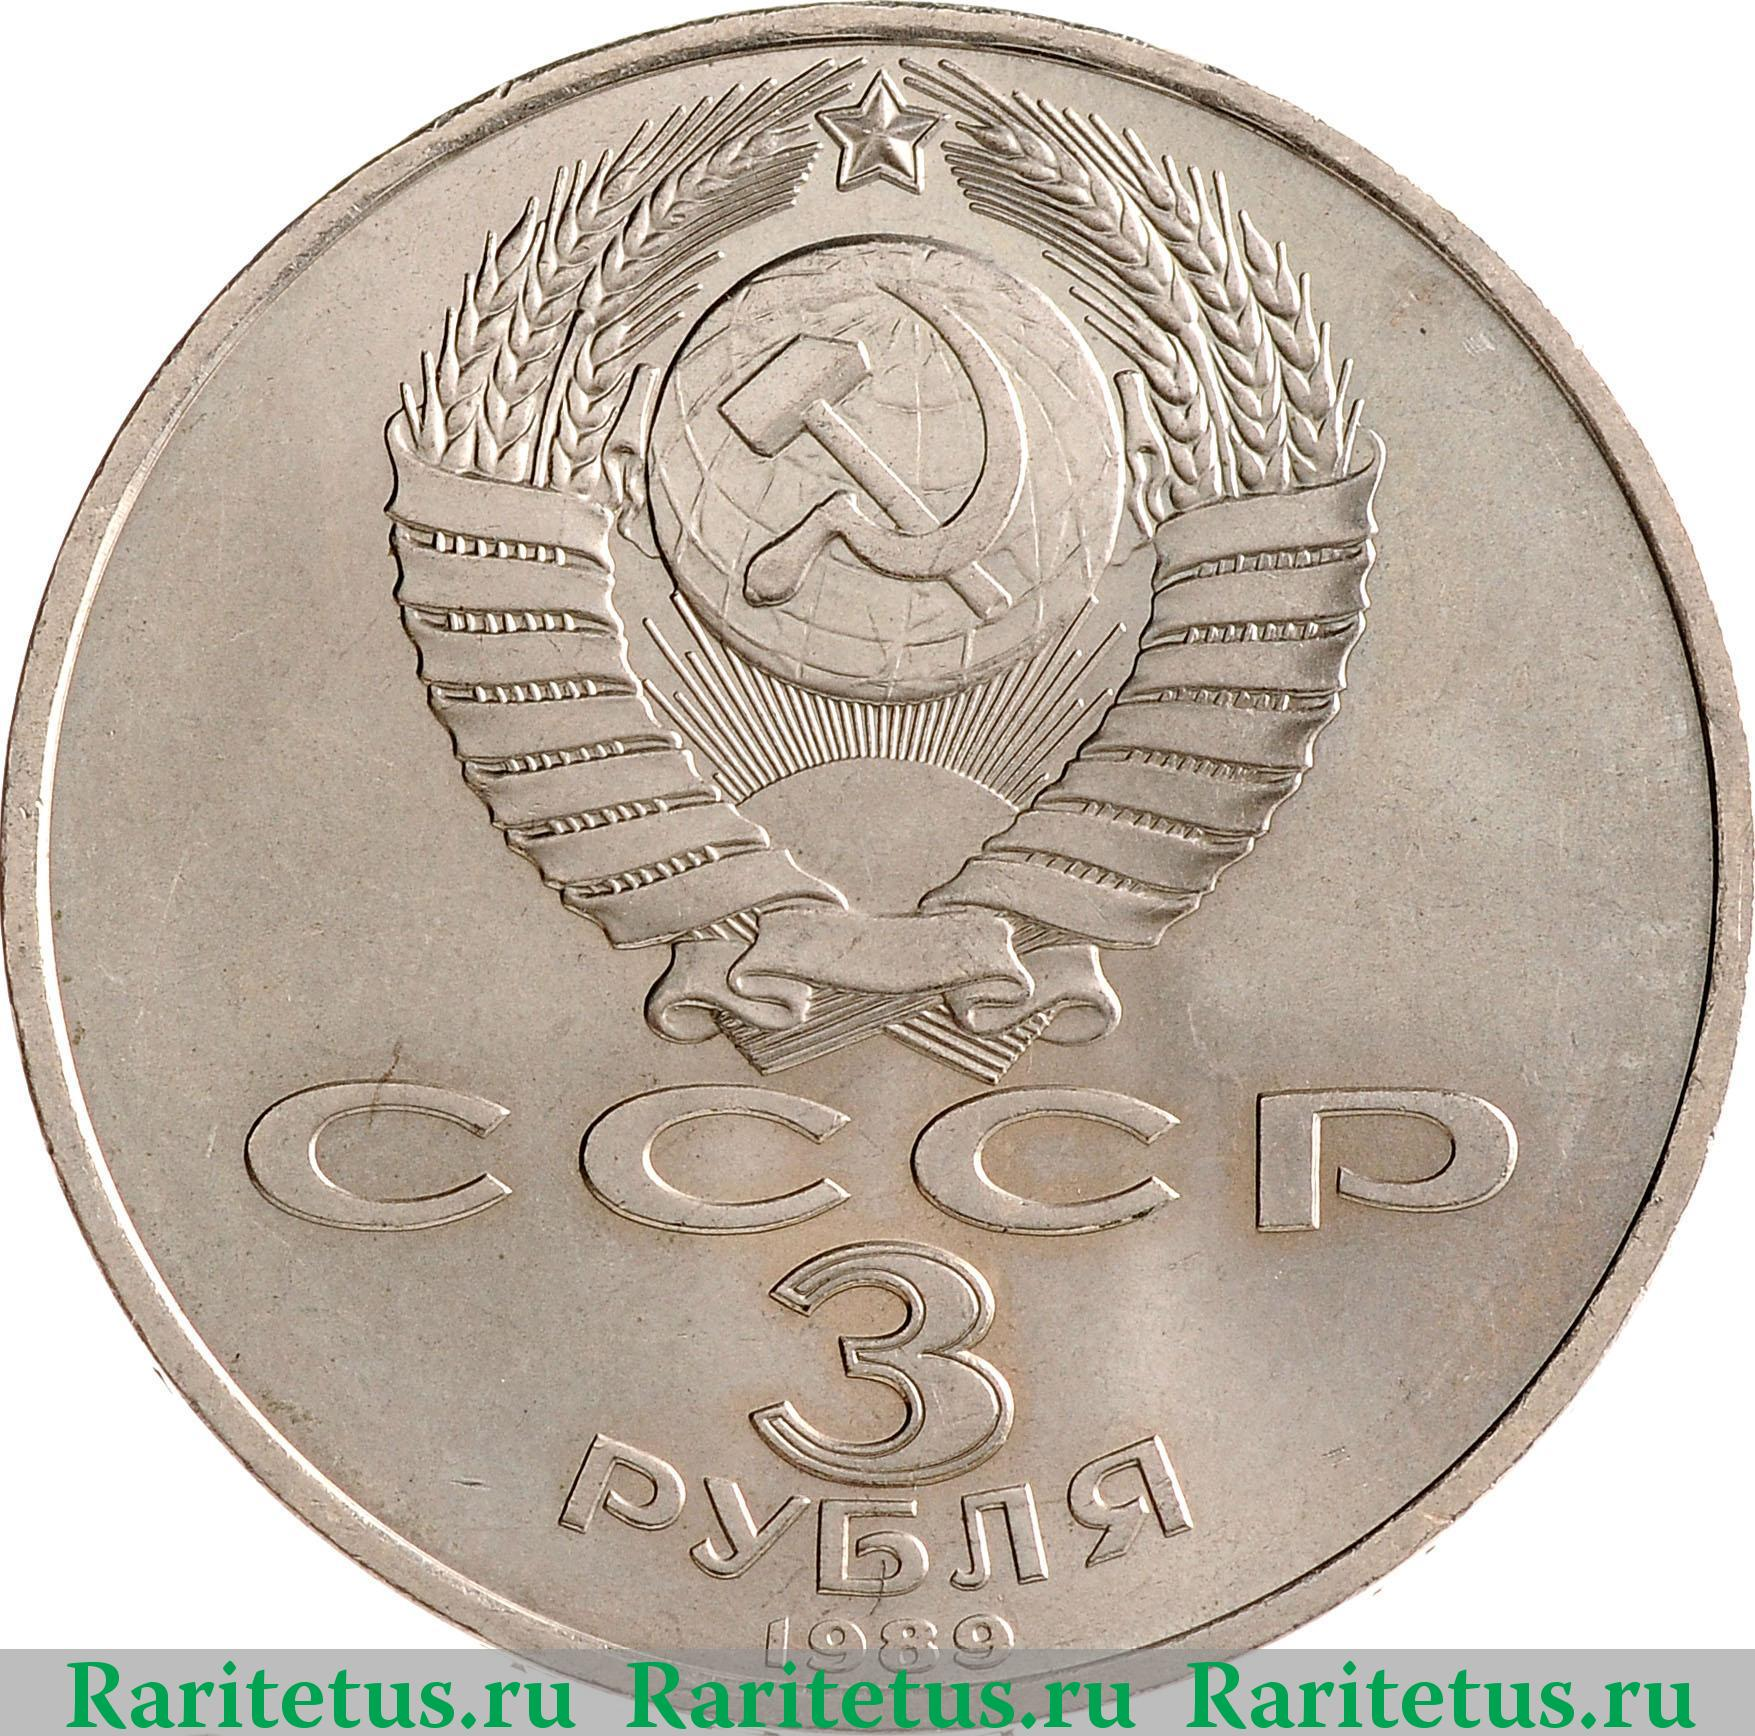 Рубль в ереване 4 буквы магазин мир монет